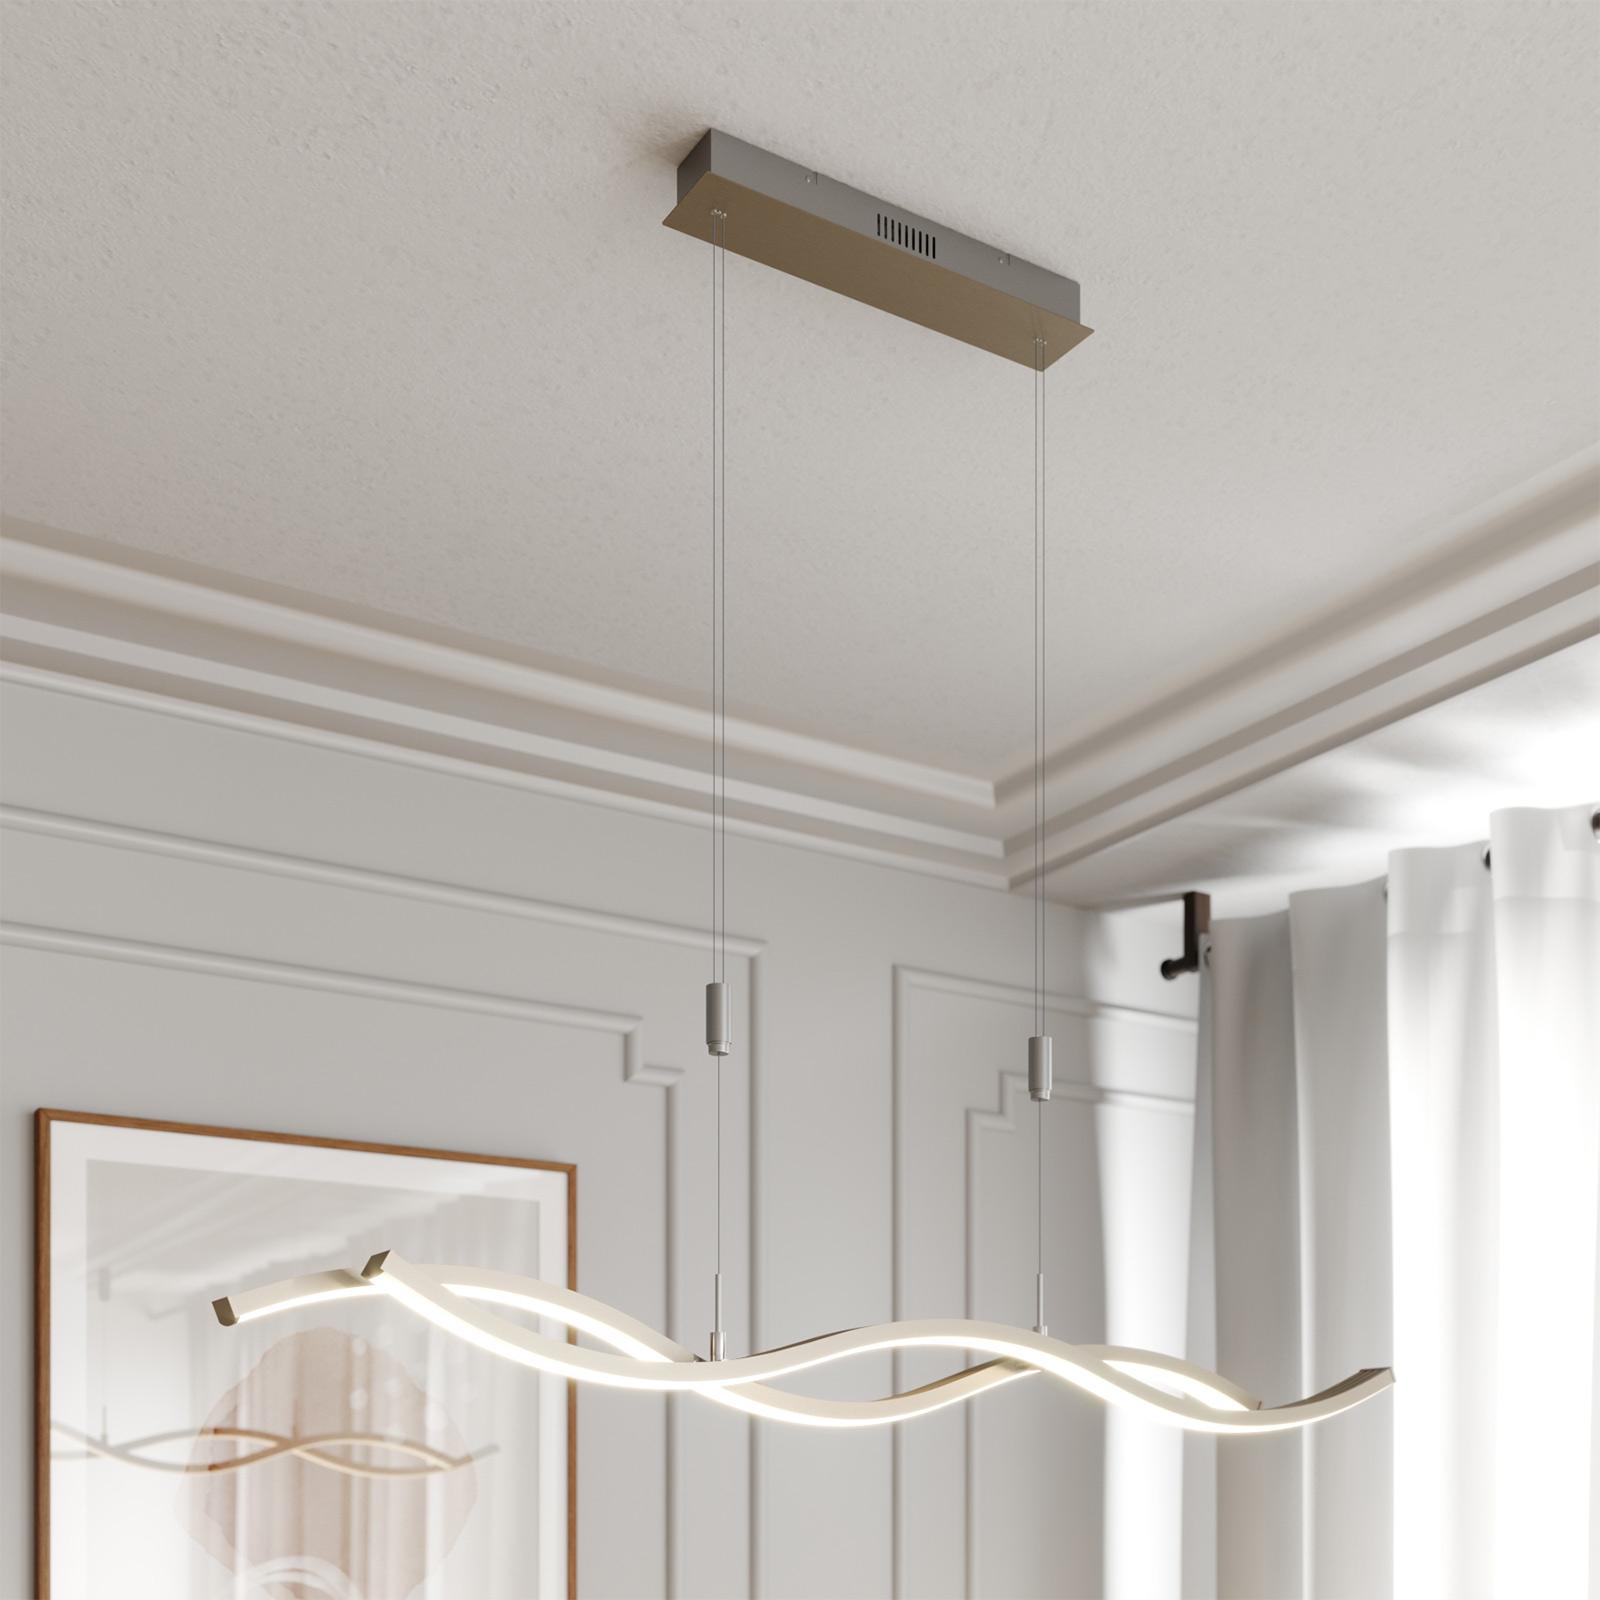 Lucande Mairia LED hanglamp, in hoogte verstelbaar